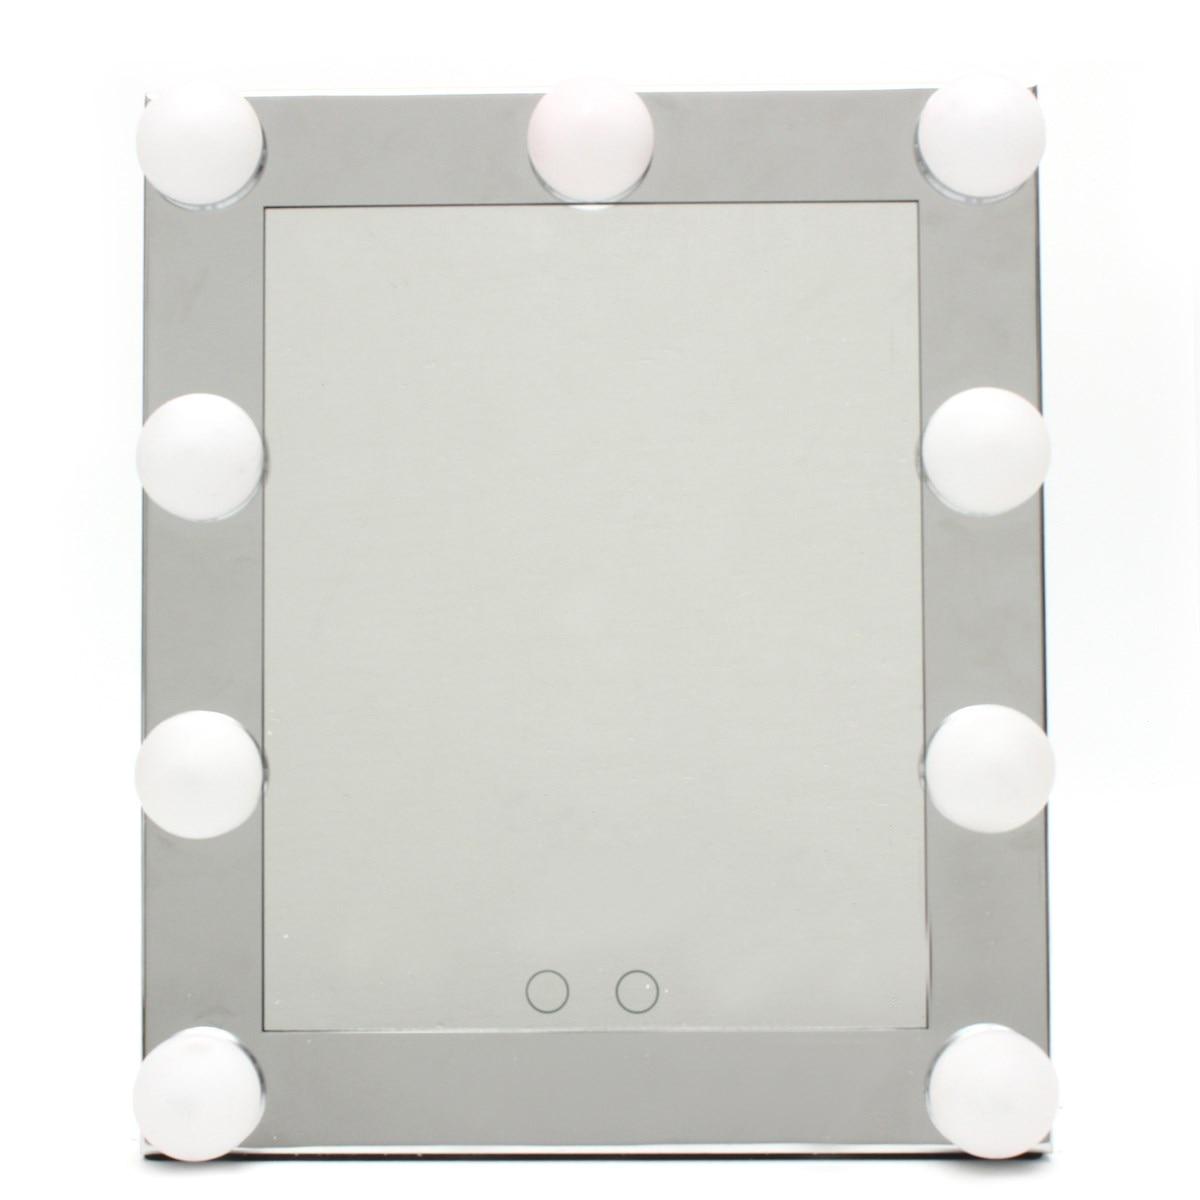 Specchi Professionali Per Trucco.Us 56 86 12 Di Sconto Professionale Led Touch Screen Illuminato Vanity Specchio In Piedi Da Tavolo Specchi Grande Salone Di Bellezza Del Desktop